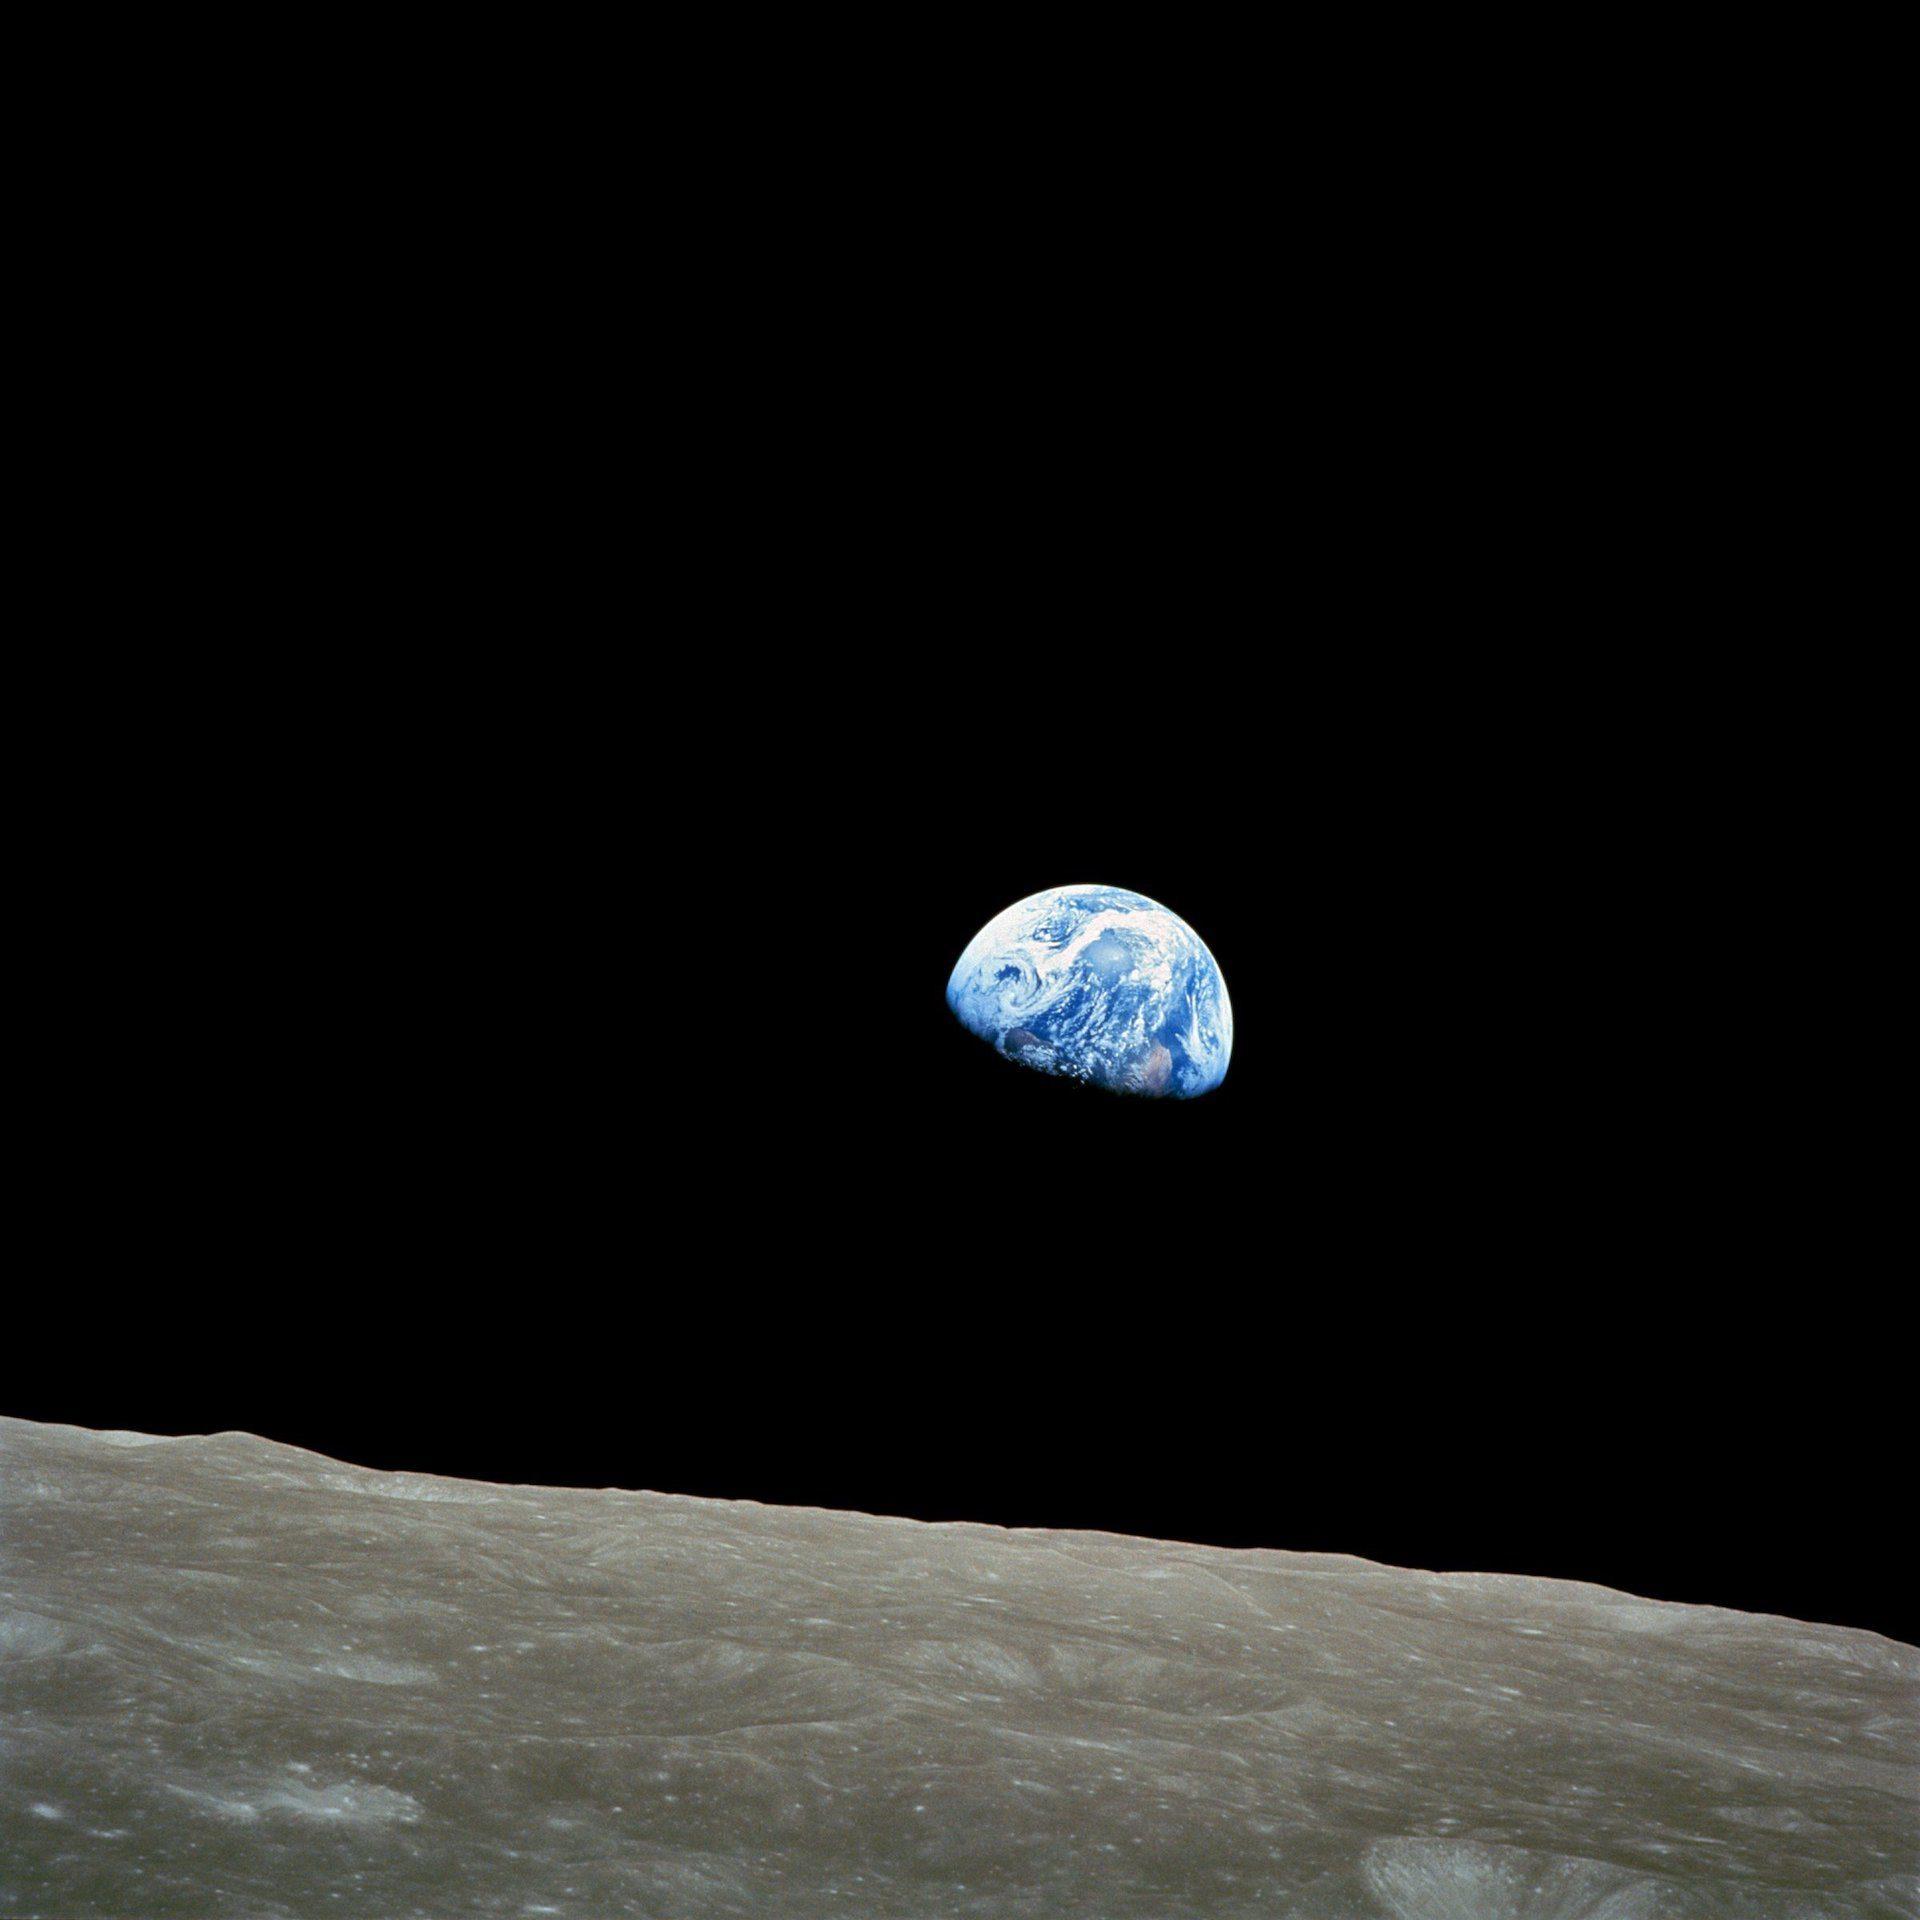 la tierra, casa, hogar, mundo, planeta, humanidad, 1612222242